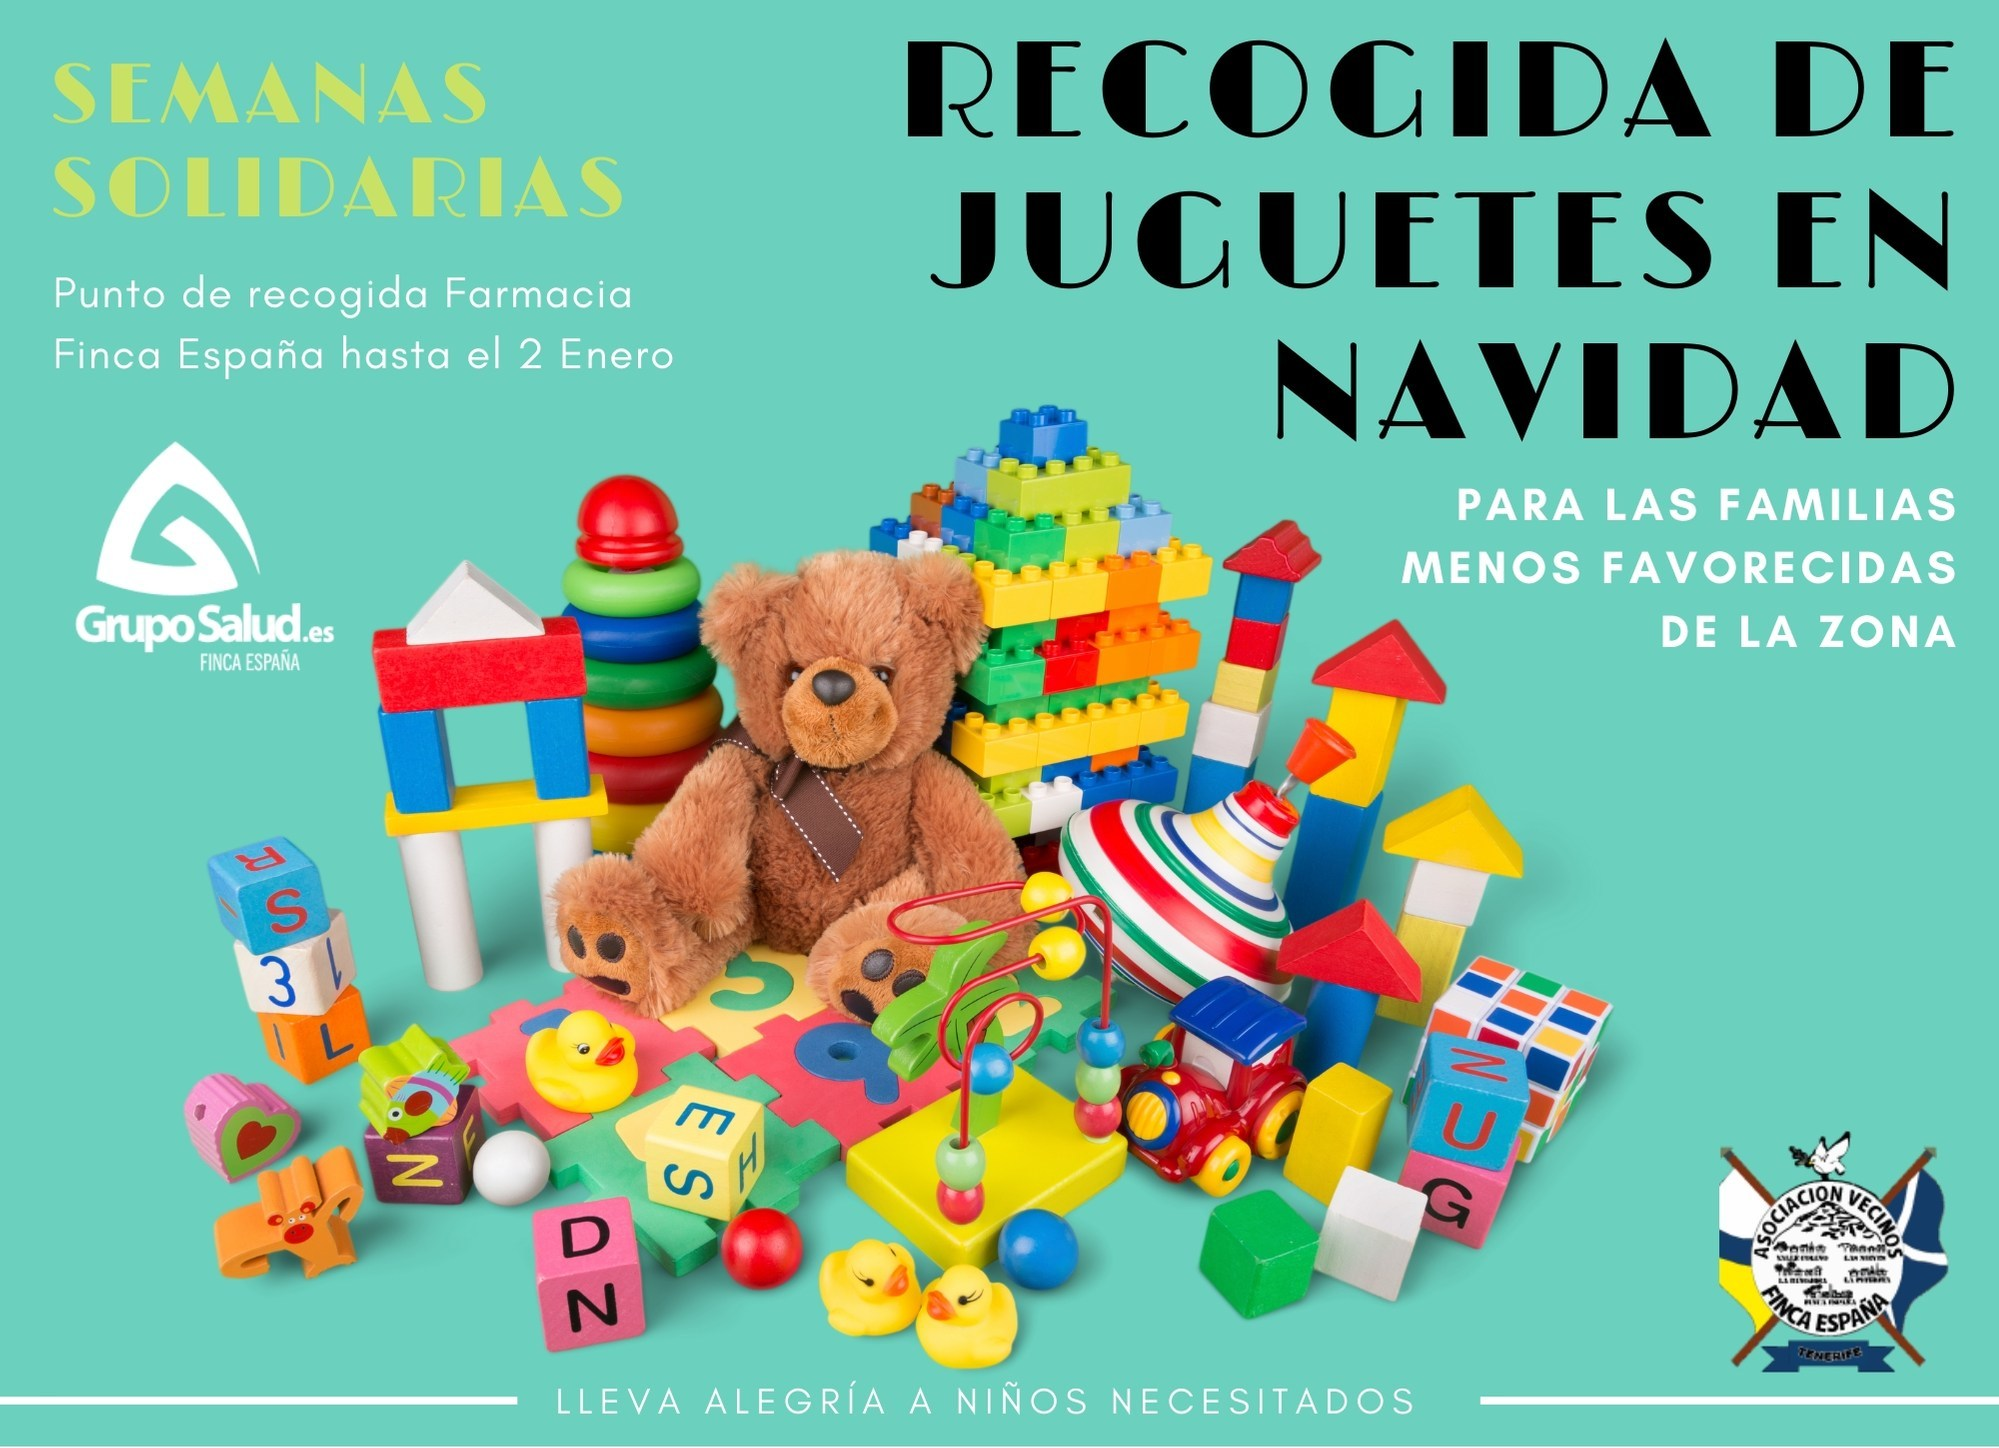 Solidarios recogida Juguetes